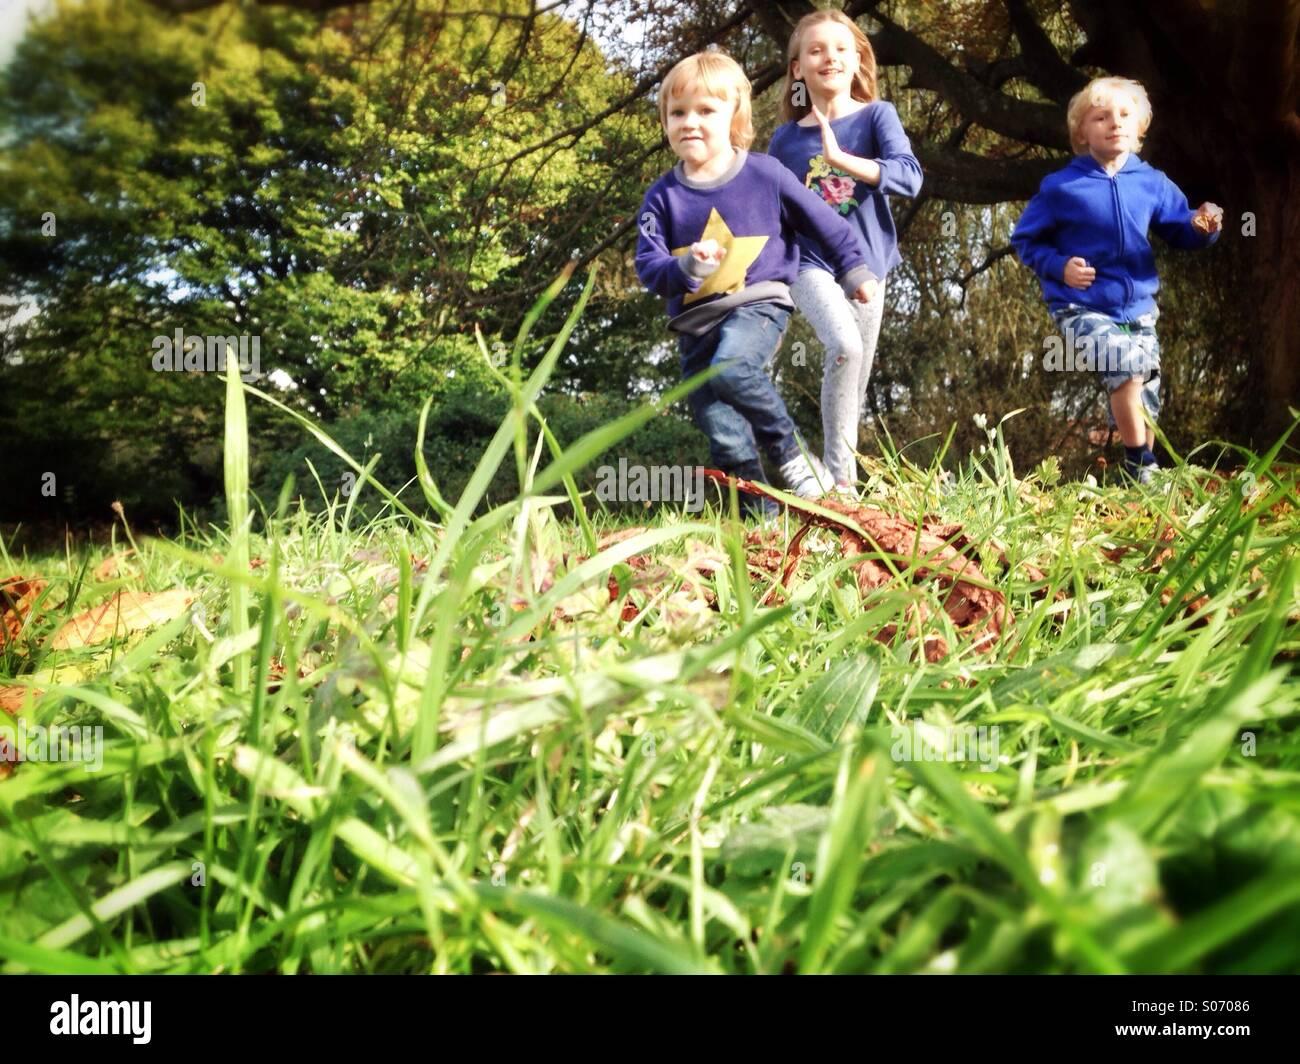 Children running across a Field - Stock Image